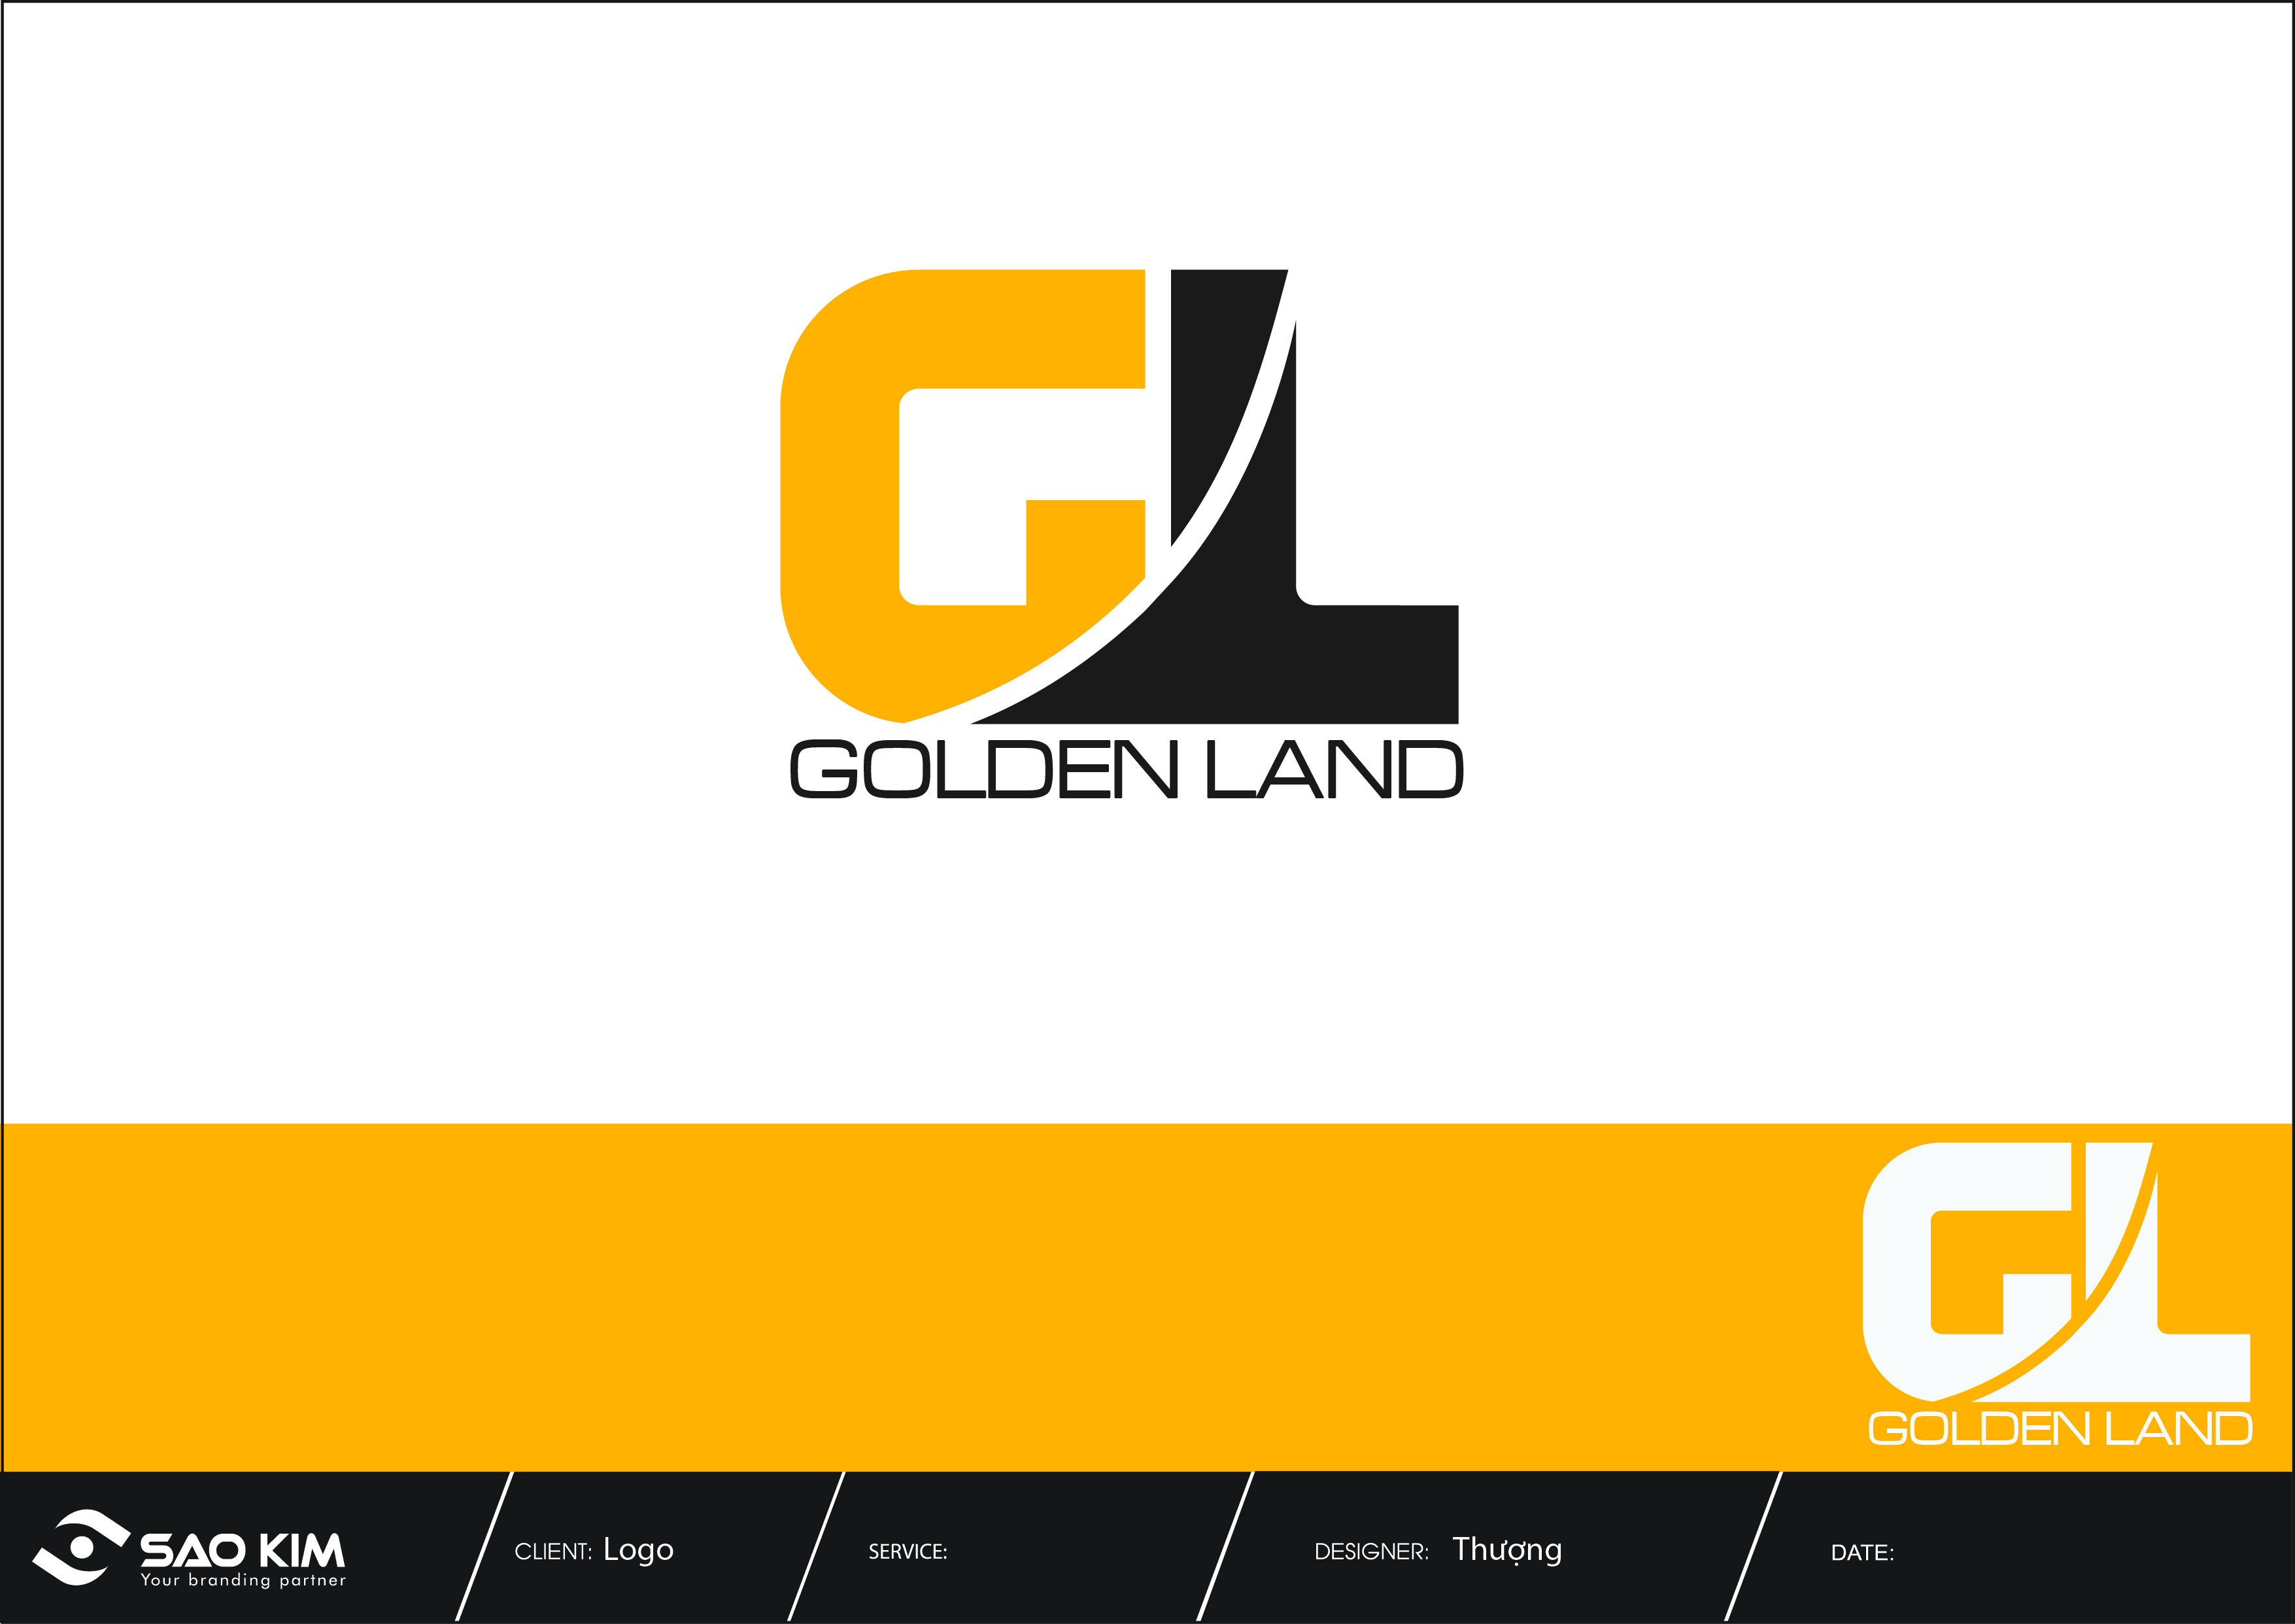 Thiết kế logo và nhận diện thương hiệu Golden Land tại Hà Nội, TP HCM